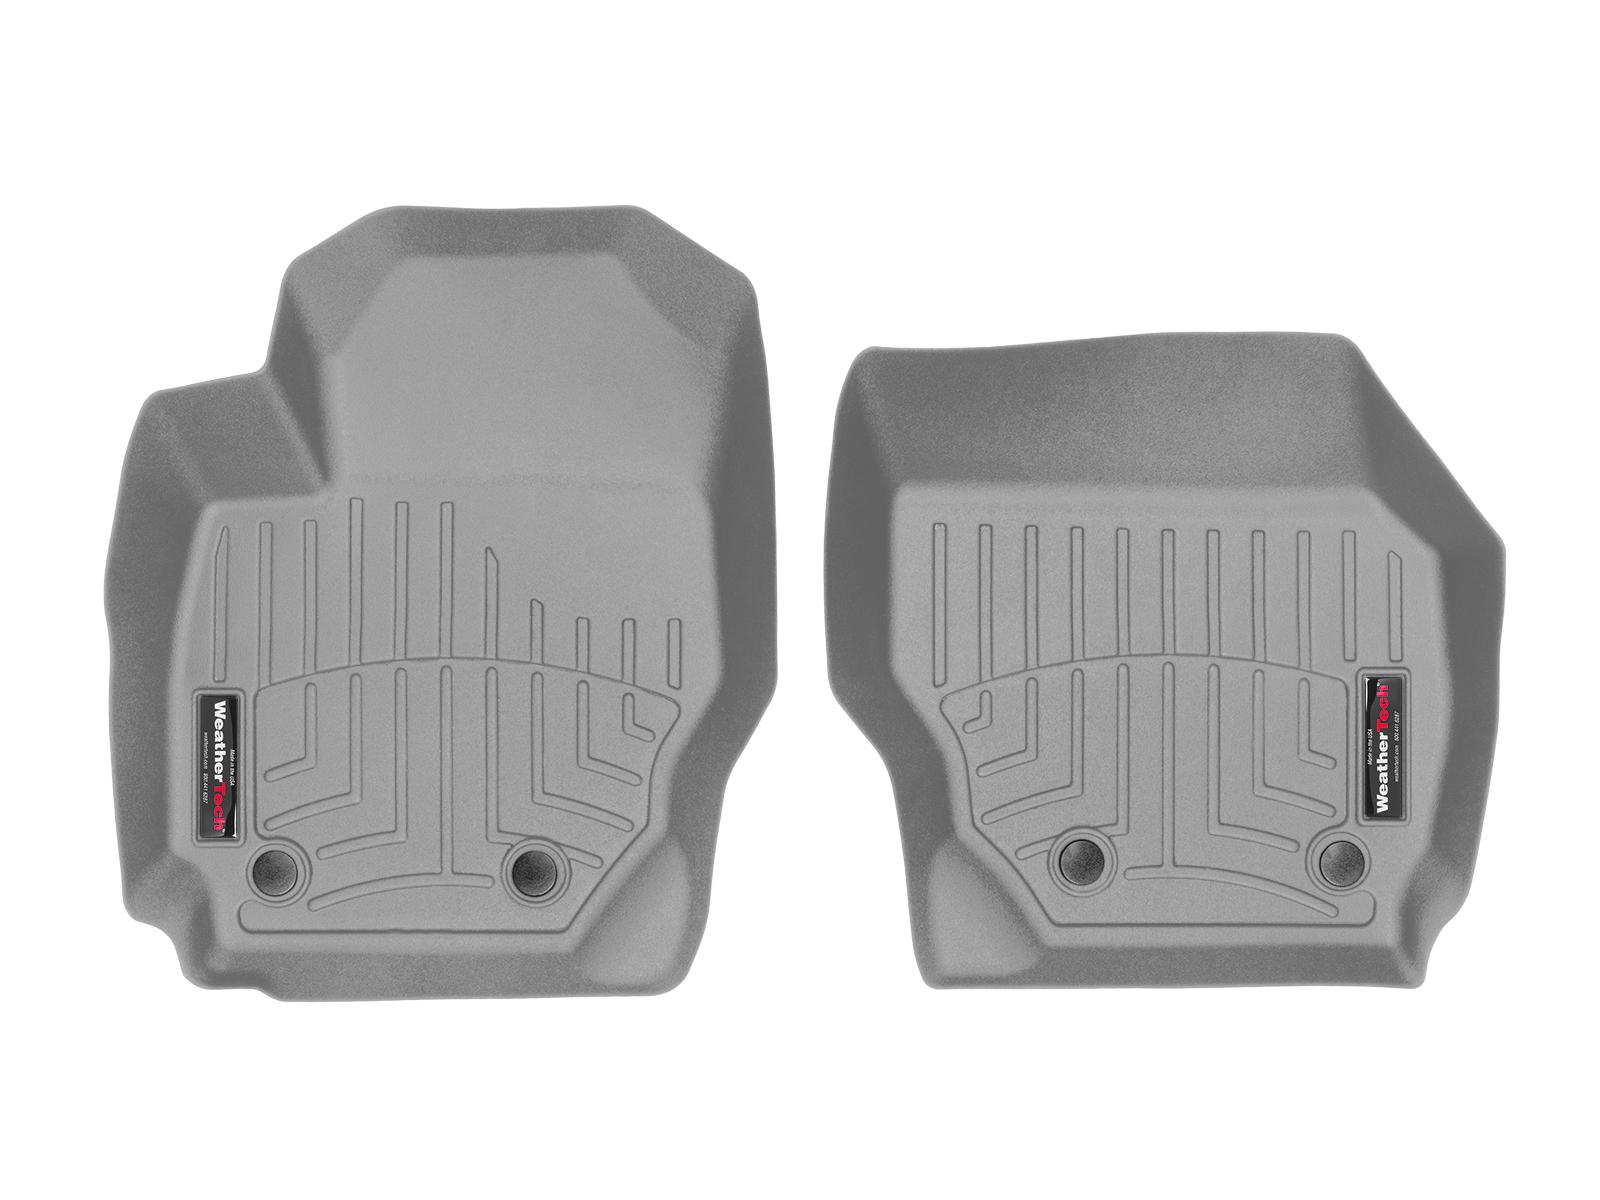 Tappeti gomma su misura bordo alto Volvo V70 07>07 Grigio A4406*